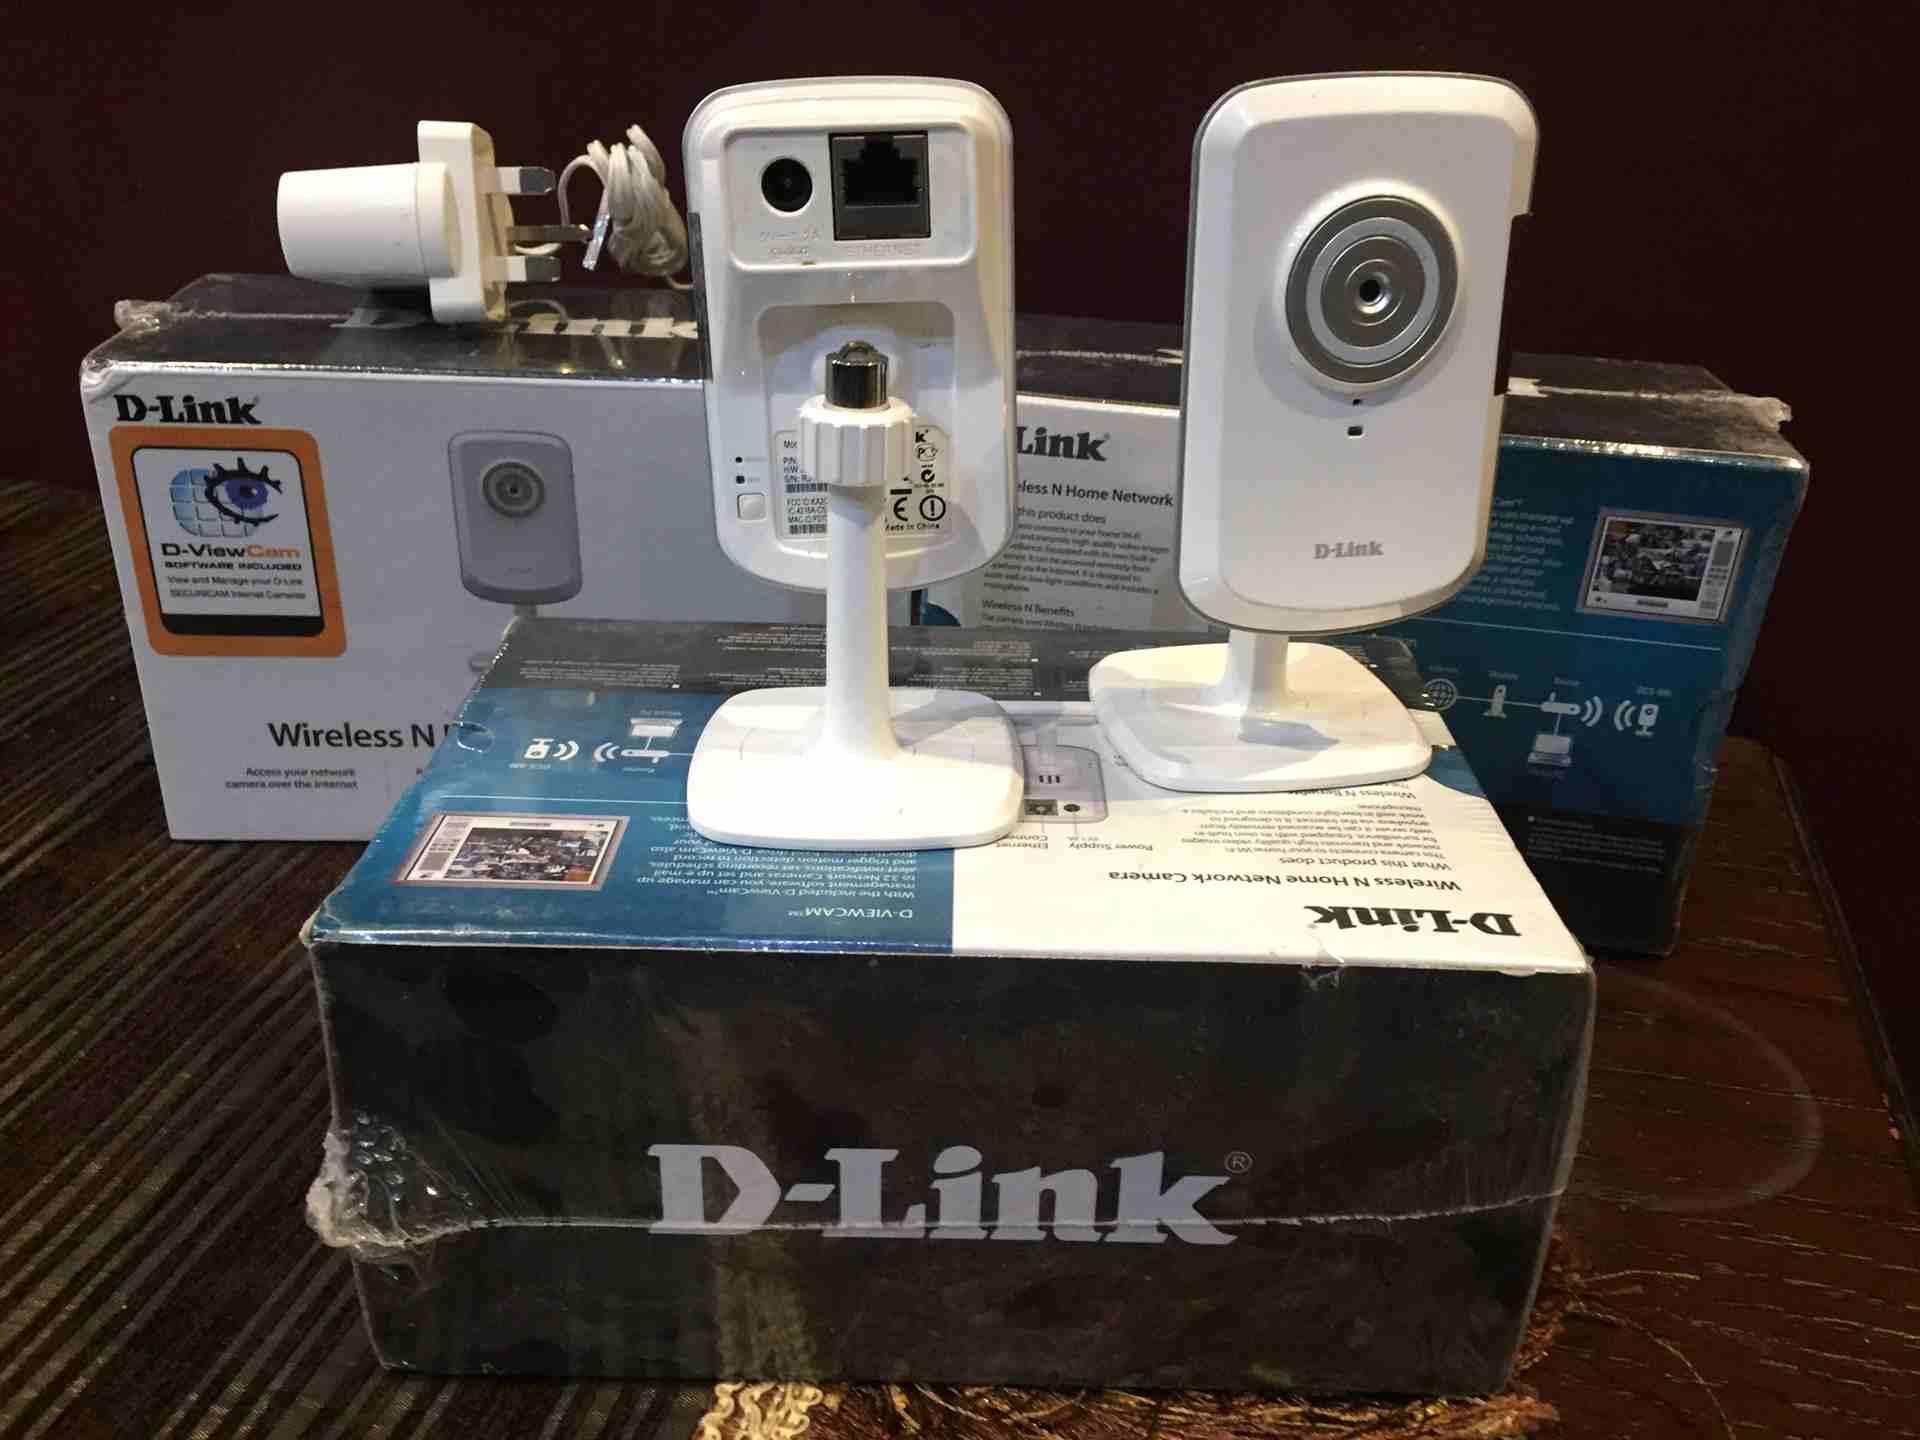 كاميرا كانون 5 مارك 4 مستعملة-  للبيع 5 كاميرات مراقبه...